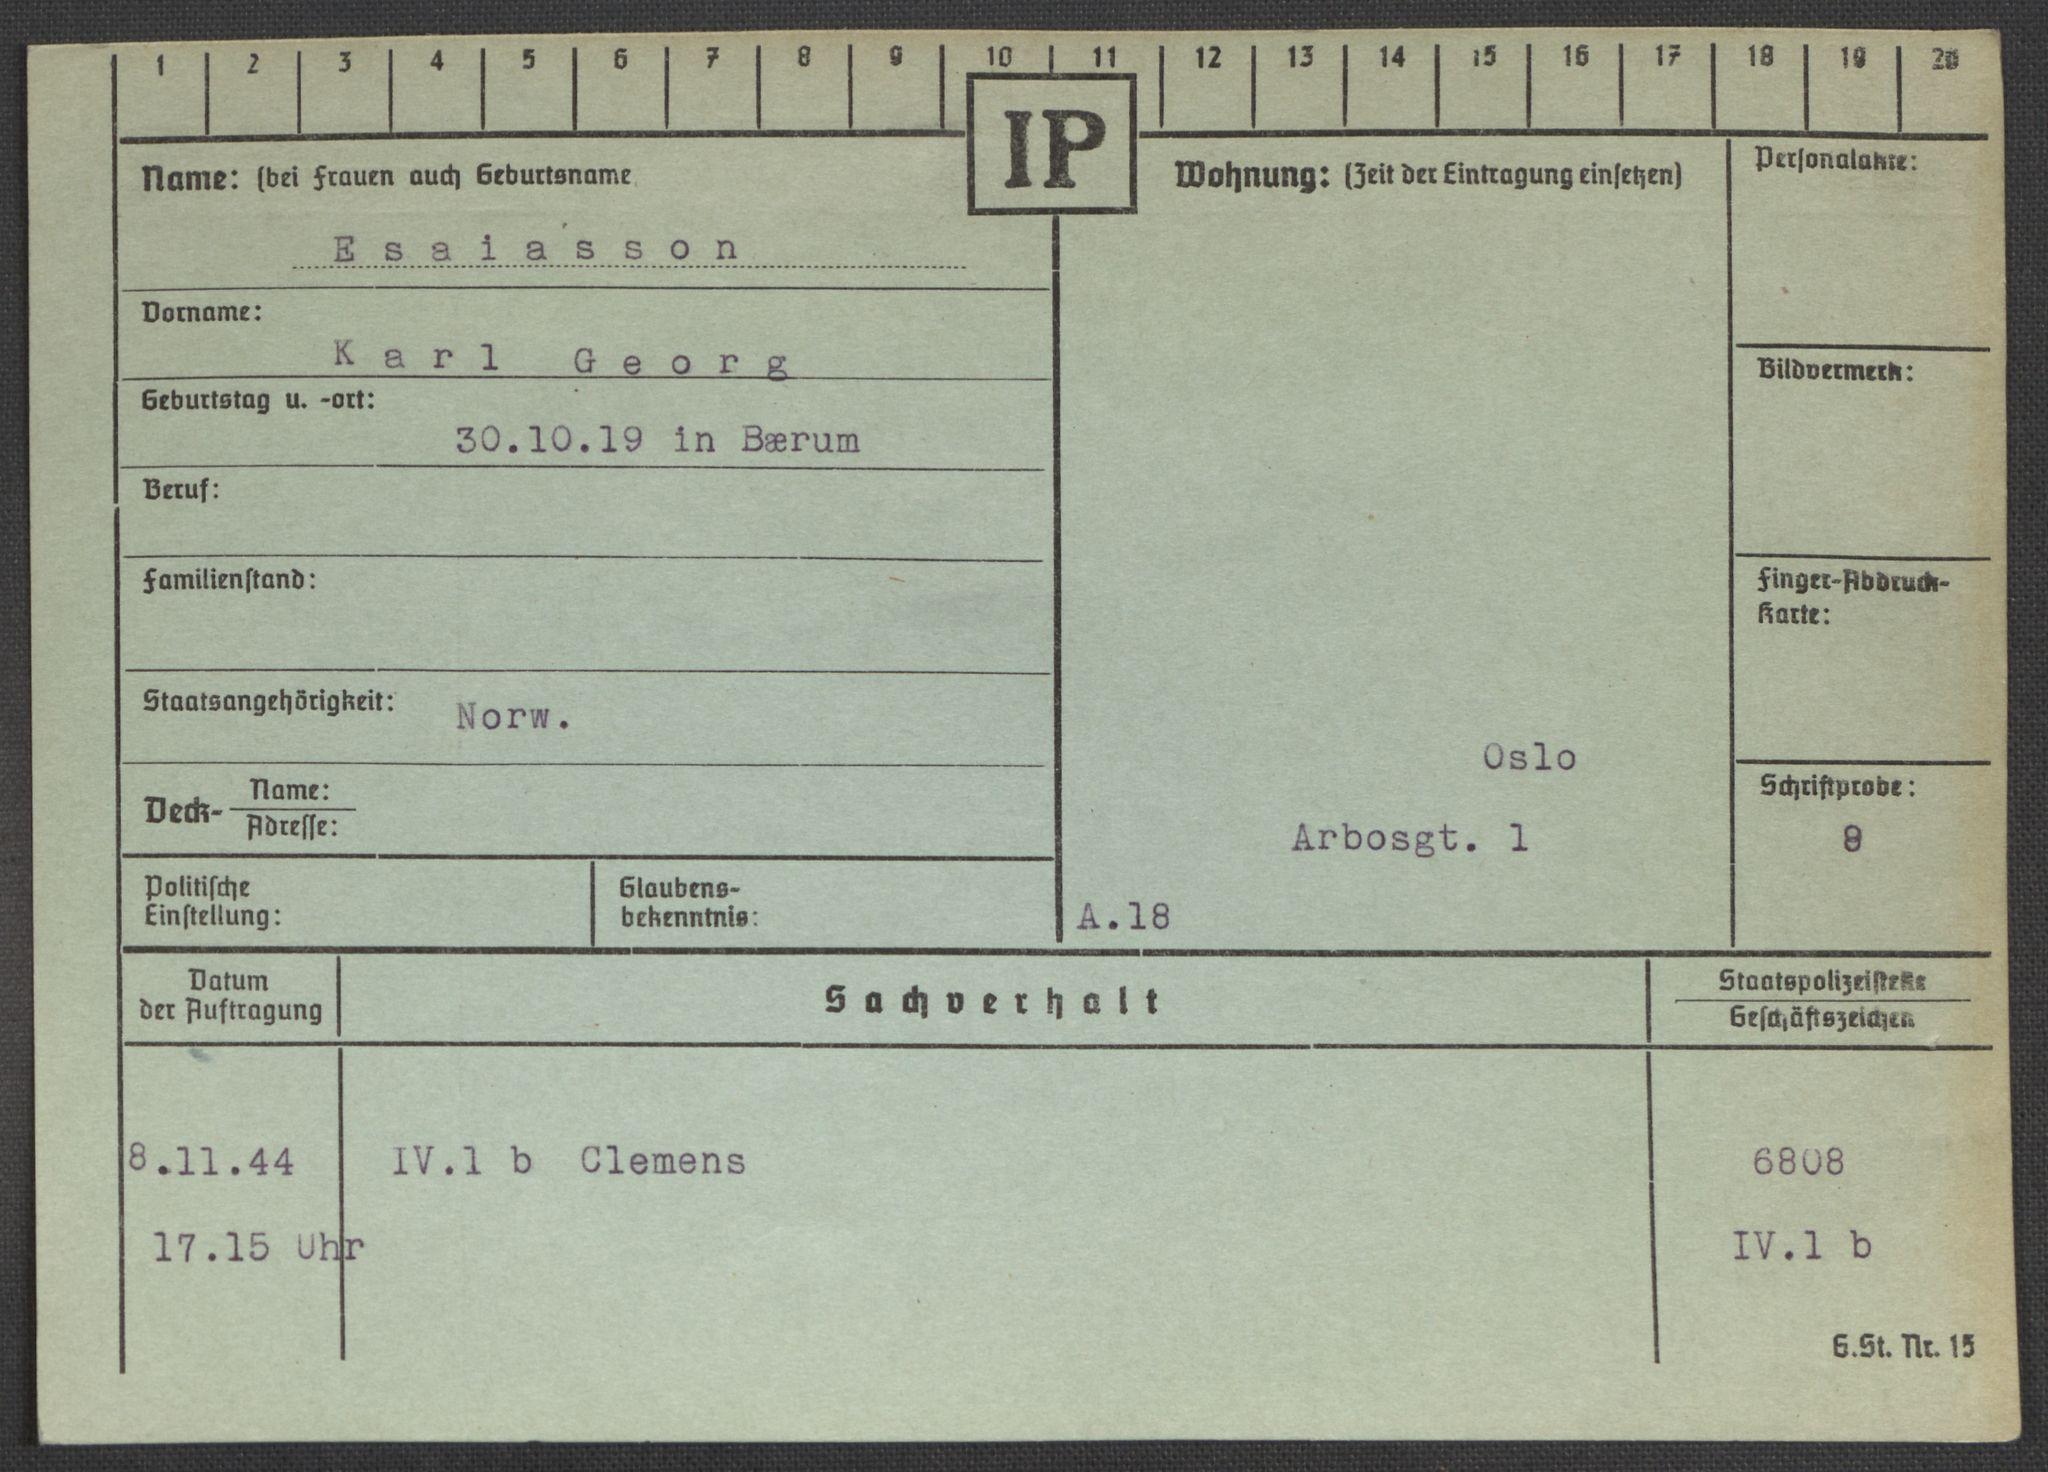 RA, Befehlshaber der Sicherheitspolizei und des SD, E/Ea/Eaa/L0003: Register over norske fanger i Møllergata 19: Eng-Hag, 1940-1945, s. 156